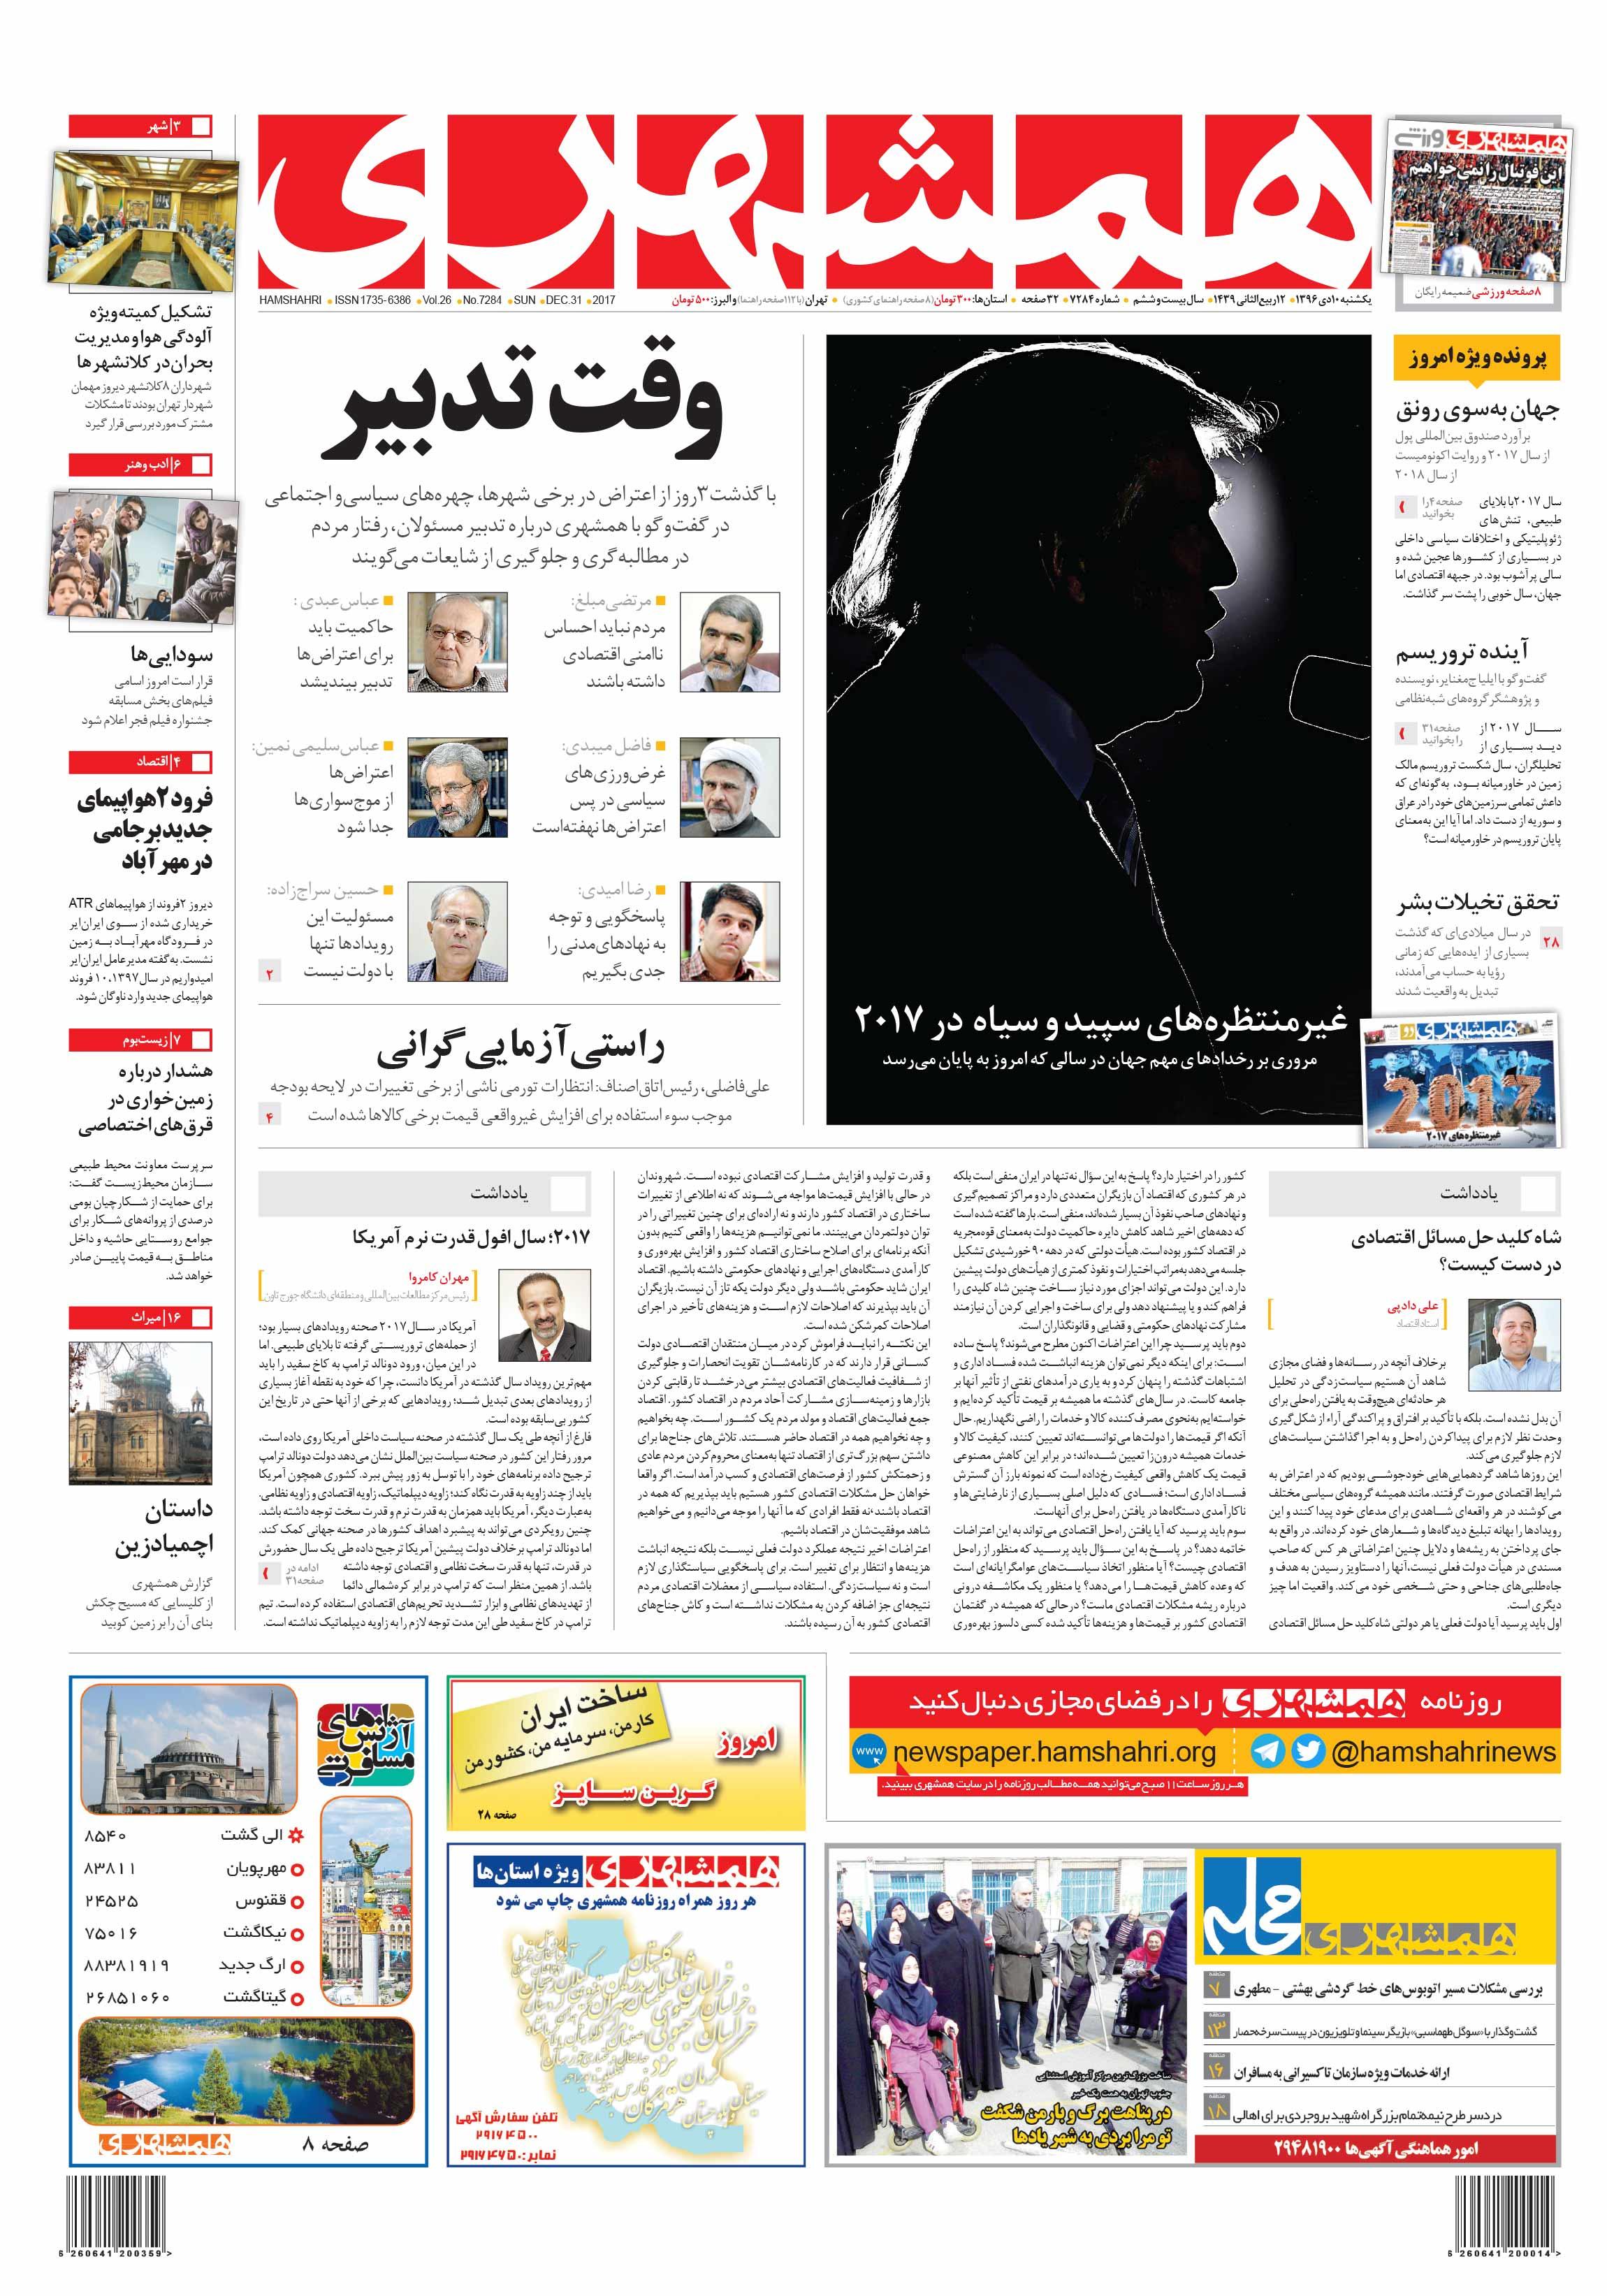 صفحه اول یکشنبه 10 دیماه 1396